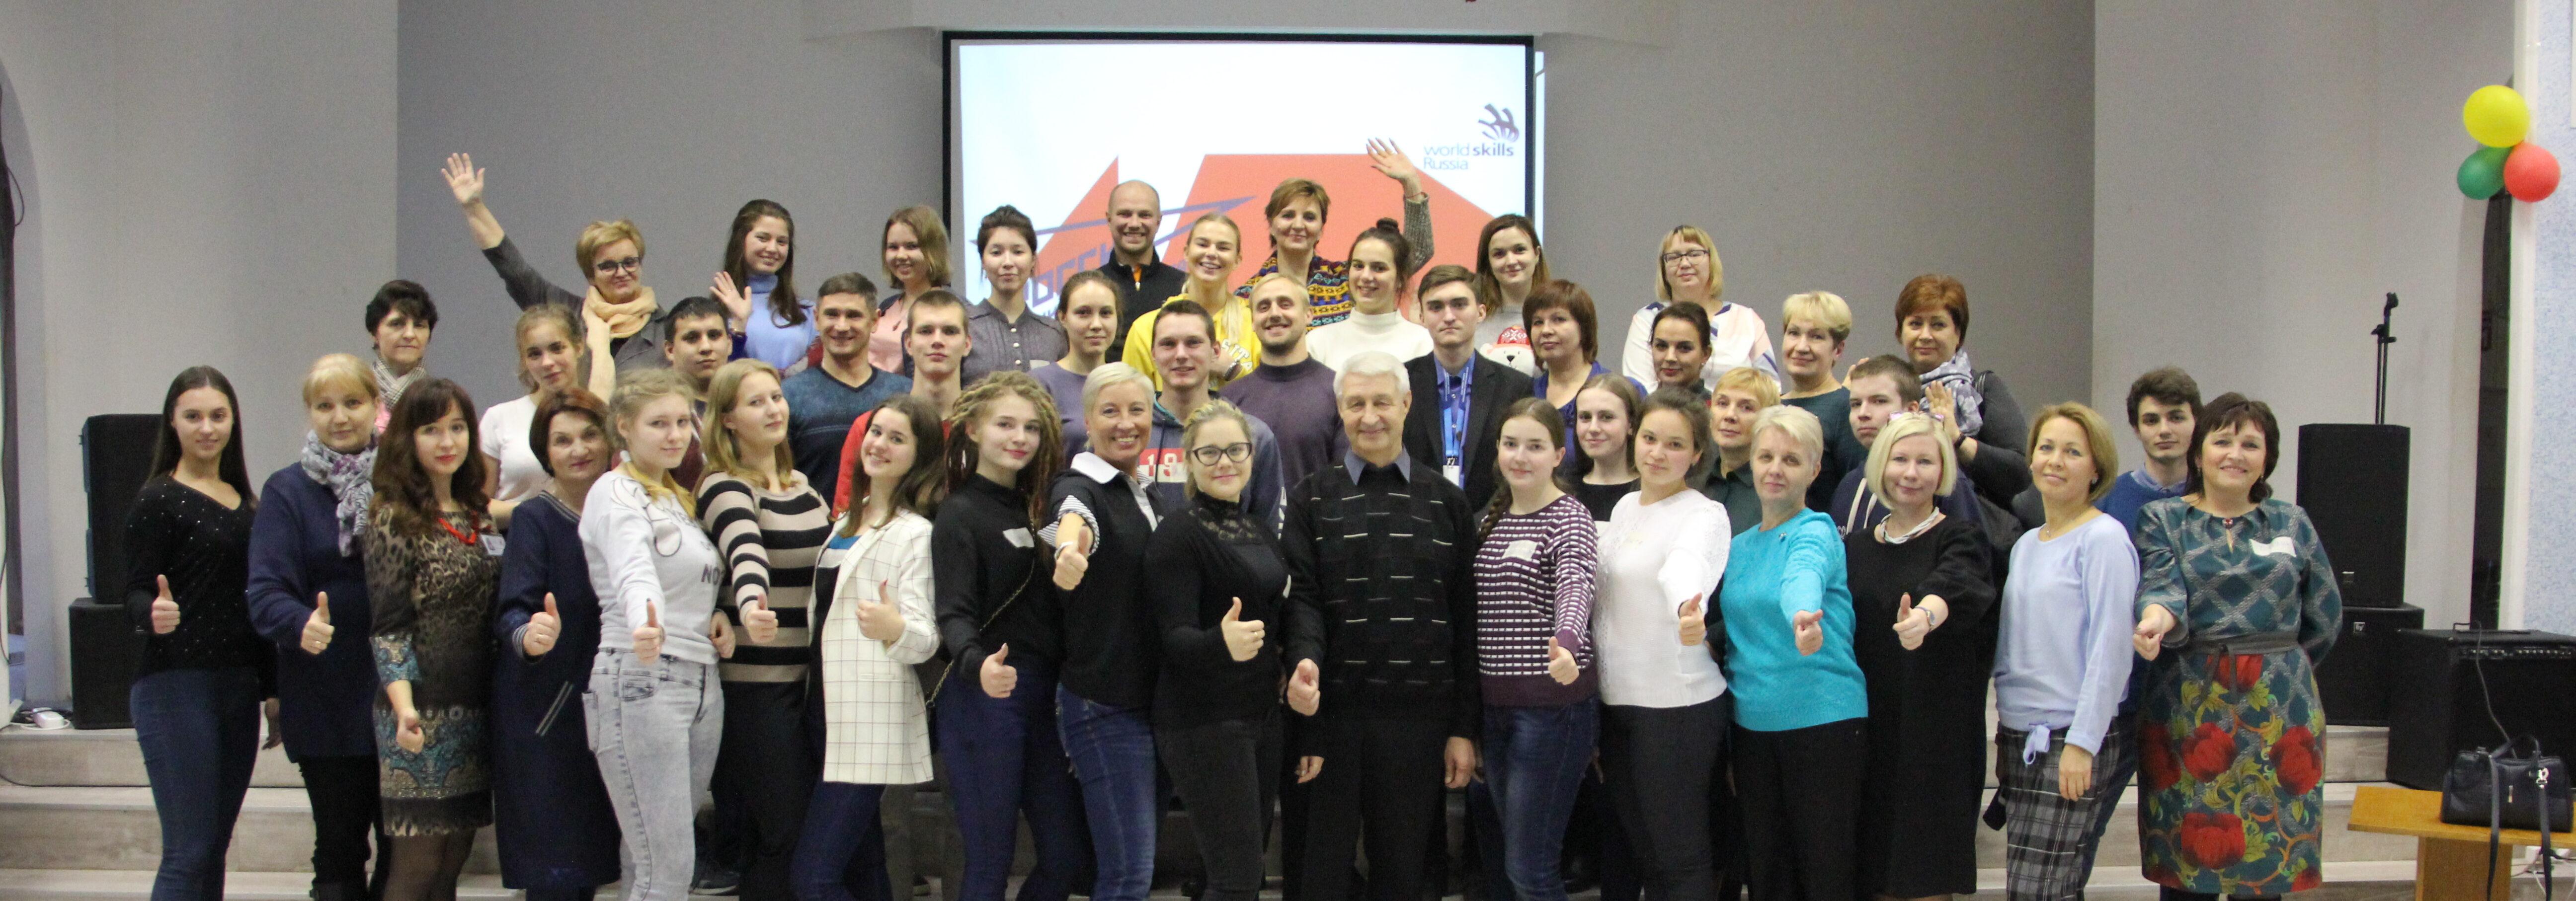 Тренинг в Гатчине: подготовка к Региональному чемпионату WorldSkills Russia Ленинградской области - 2020